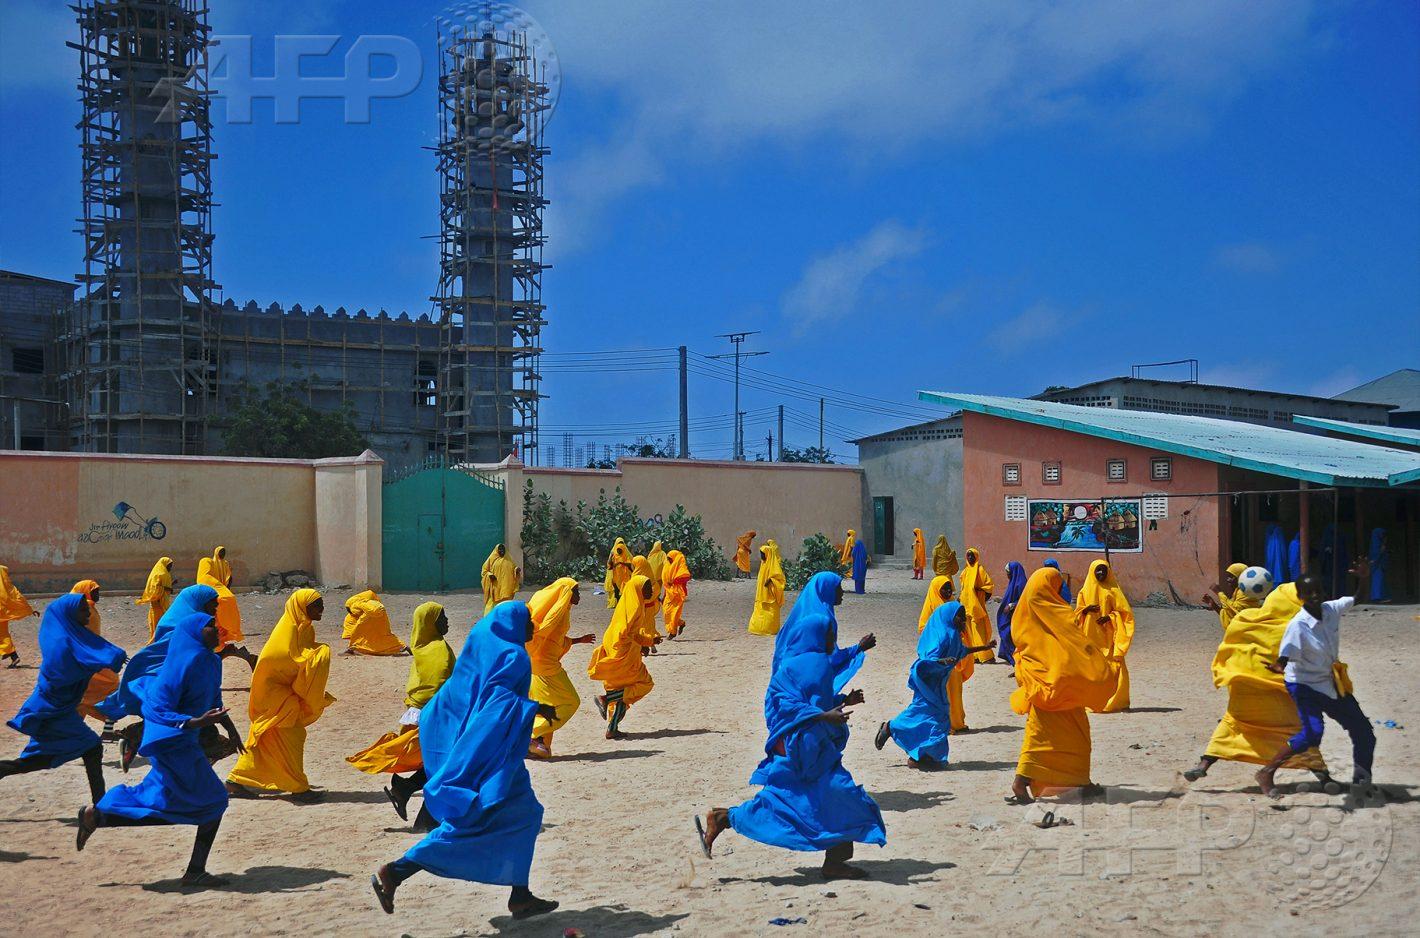 AFP 13 / SOMALIE 5 octobre 2016 - Mogadiscio, Somalie - Des écolières jouent au football lors de la pause déjeuner dans la cour de l'école primaire de Howlwadag, au sud de la capitale. AFP / MOHAMED ABDIWAHAB